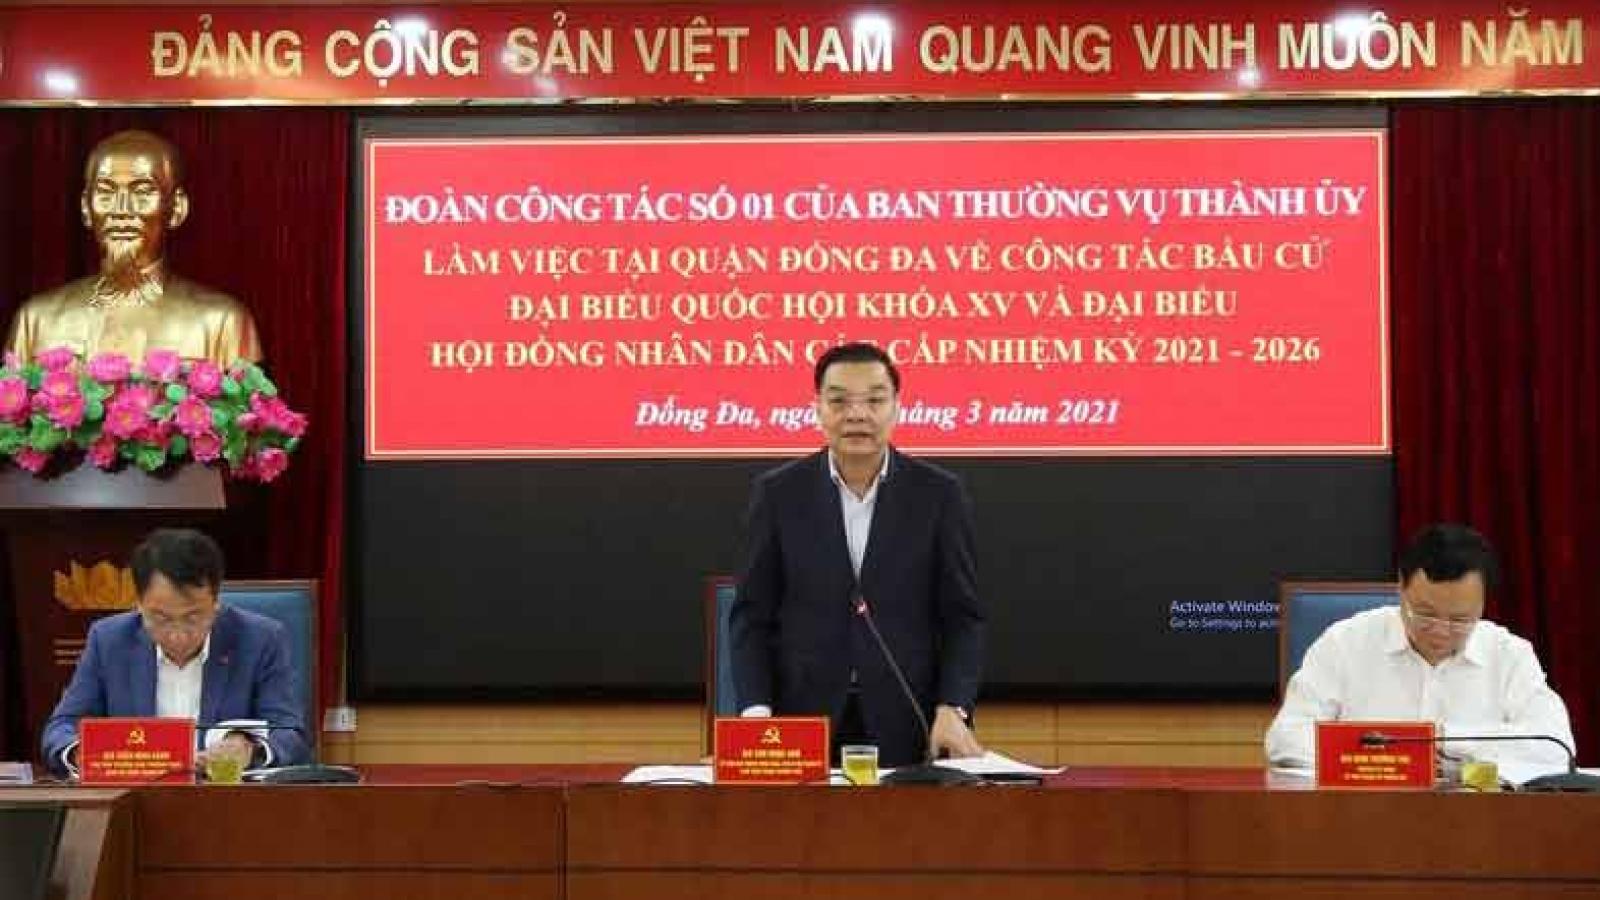 Chủ tịch UBND thành phố Hà Nội kiểm tra công tác phục vụ bầu cử tại Đống Đa